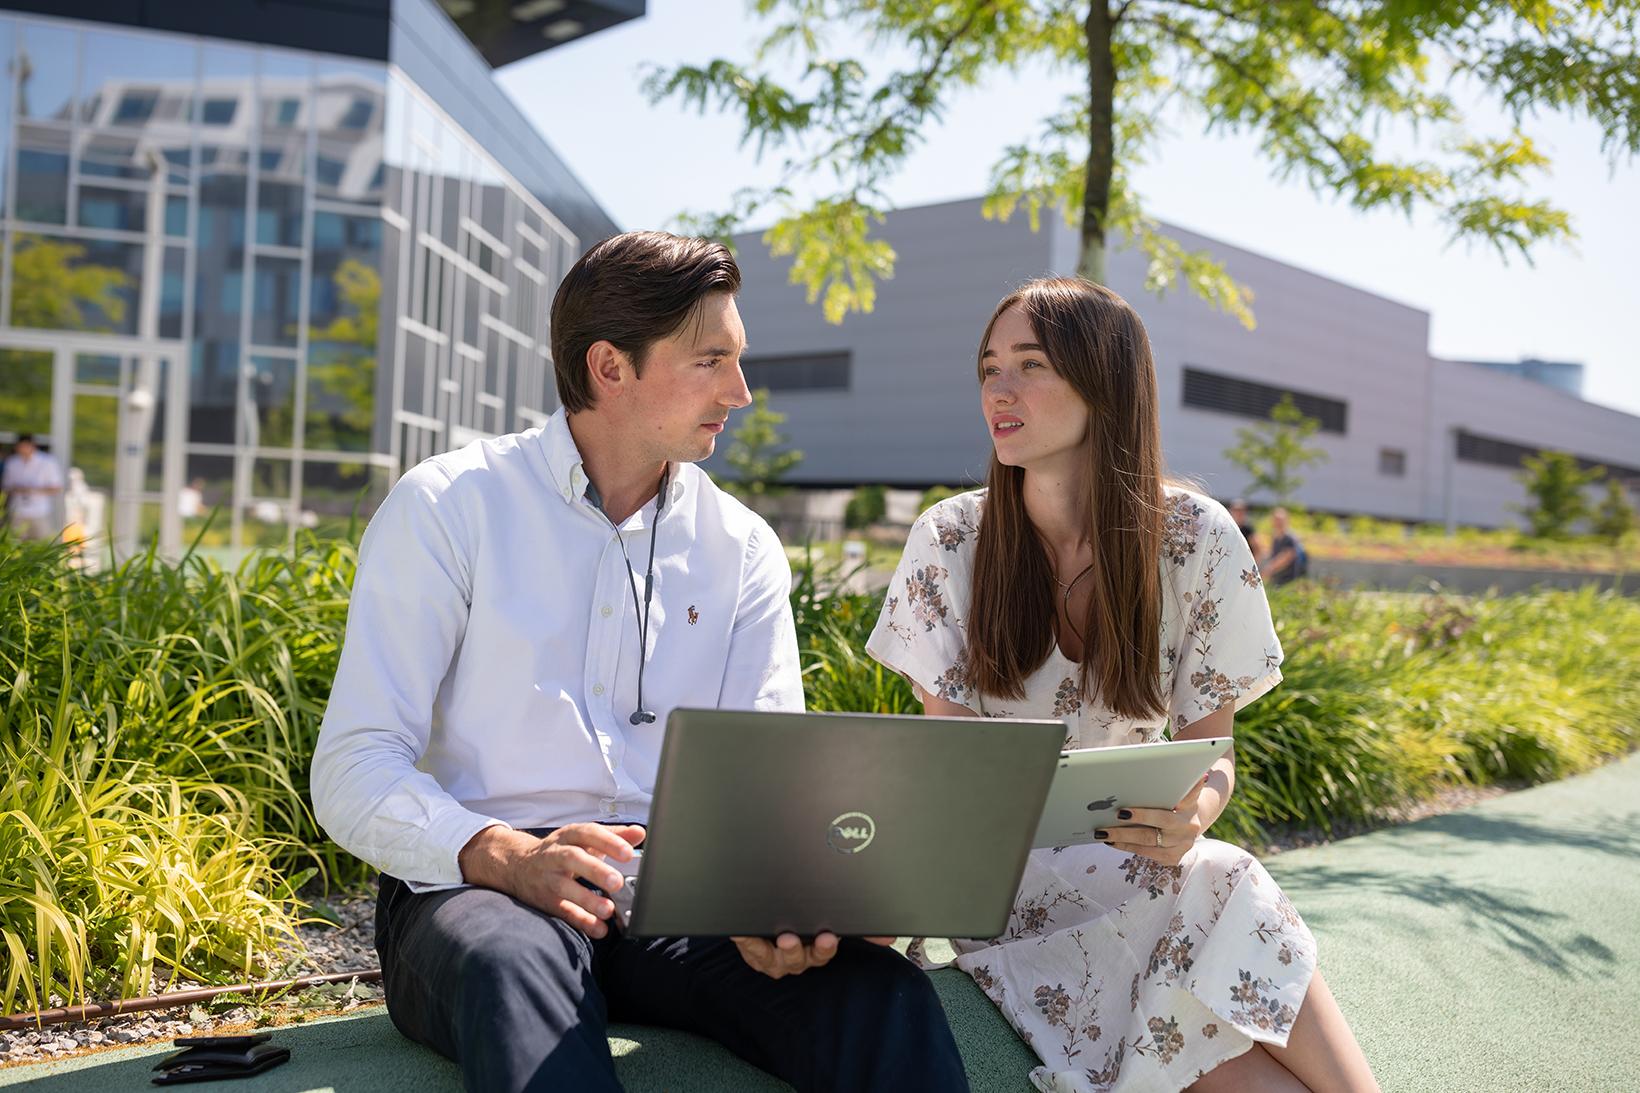 Studierende mit Laptop und iPad